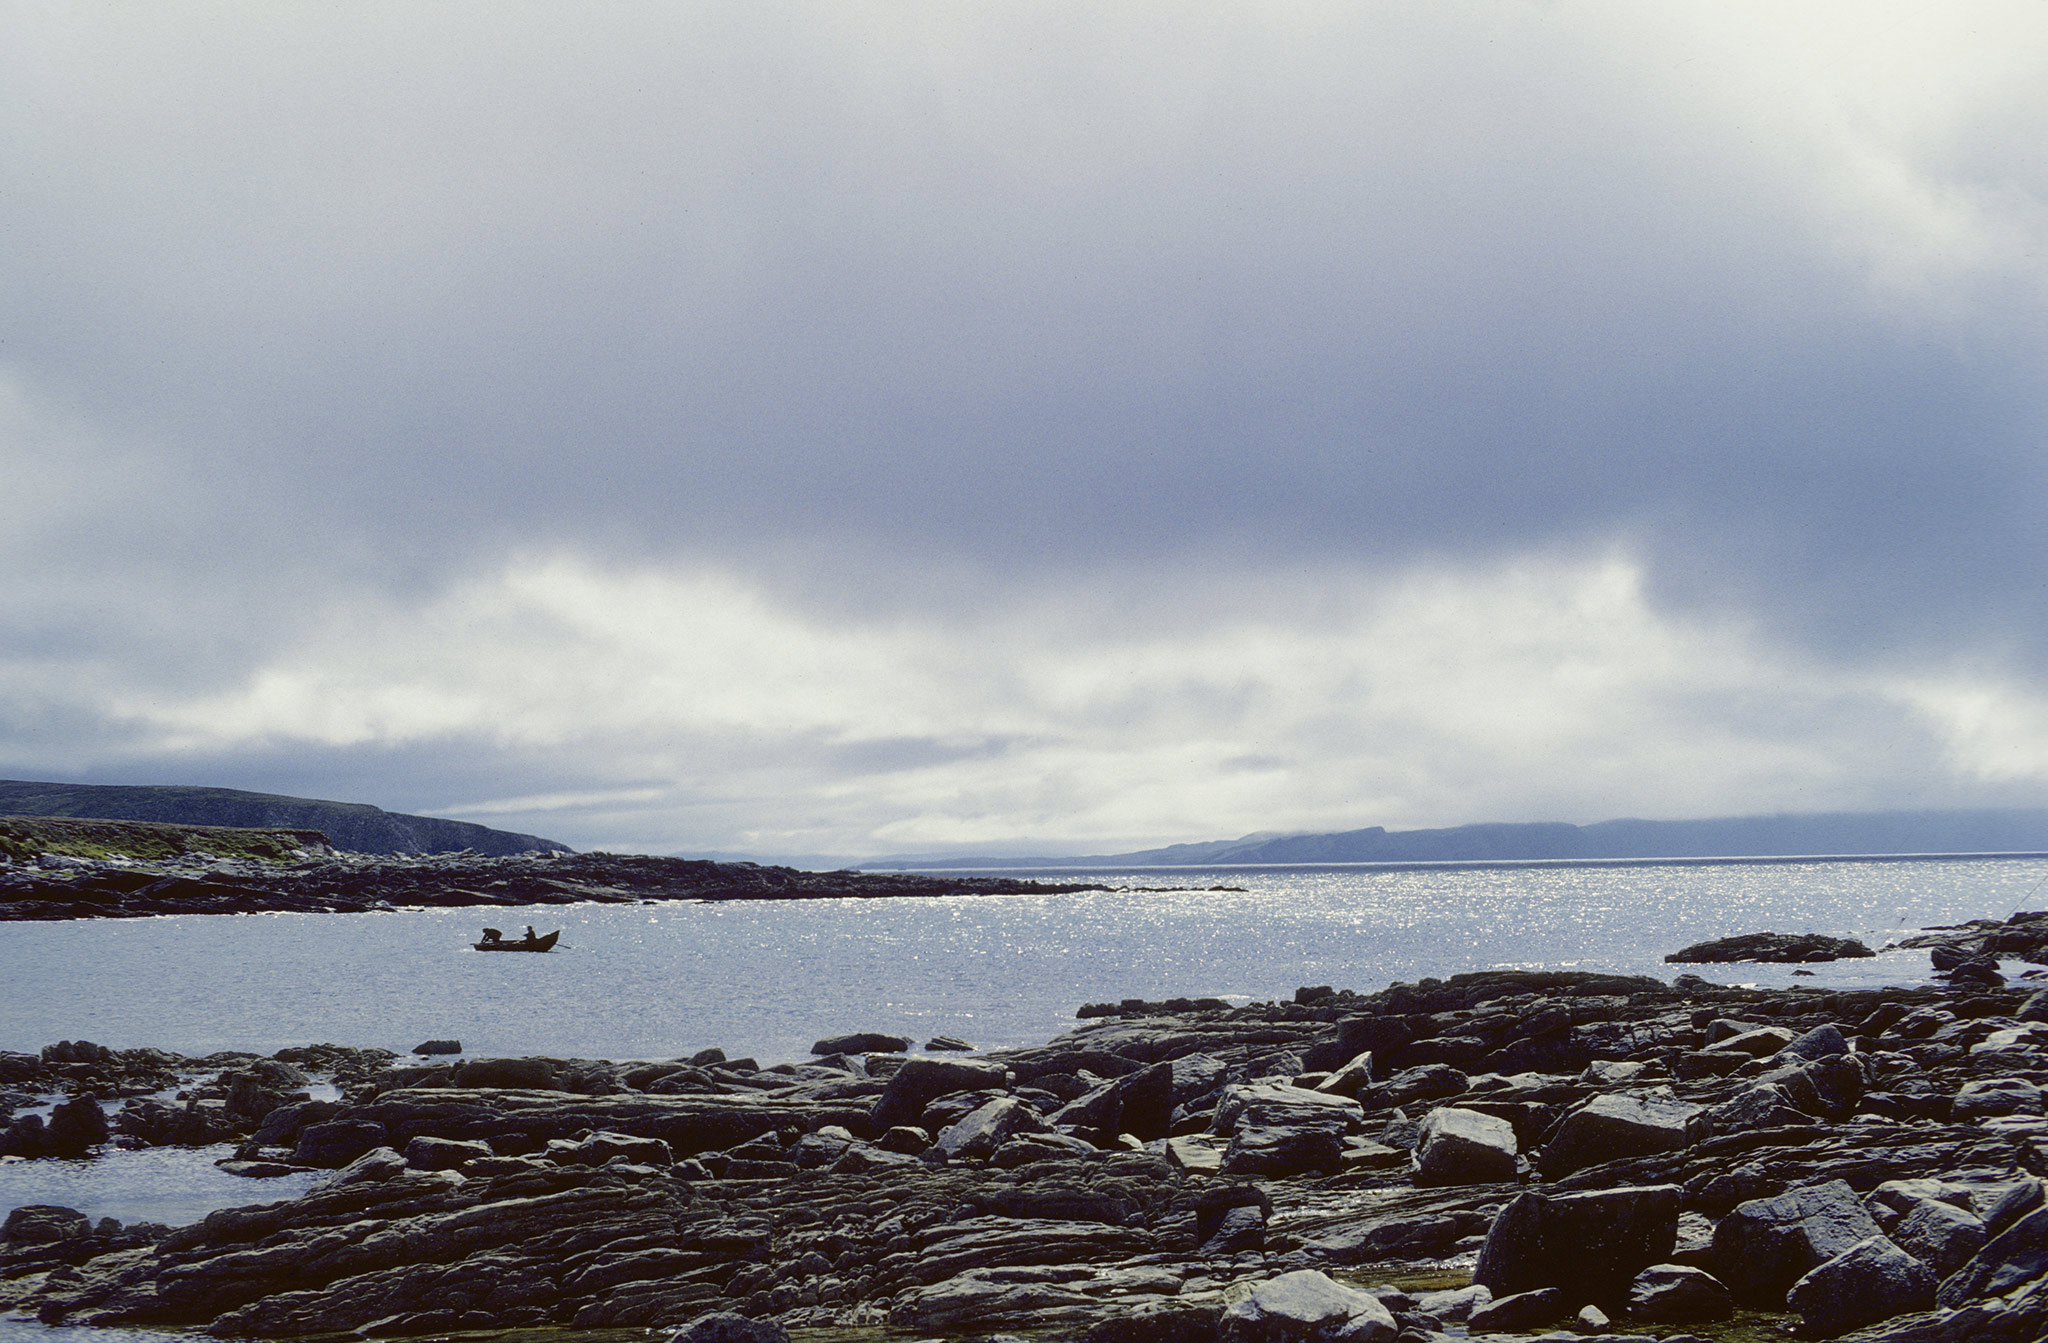 L'île d'Achill dans le Comté de Mayo est la plus grande île d'Irlande. Elle est située au large de la côte ouest.